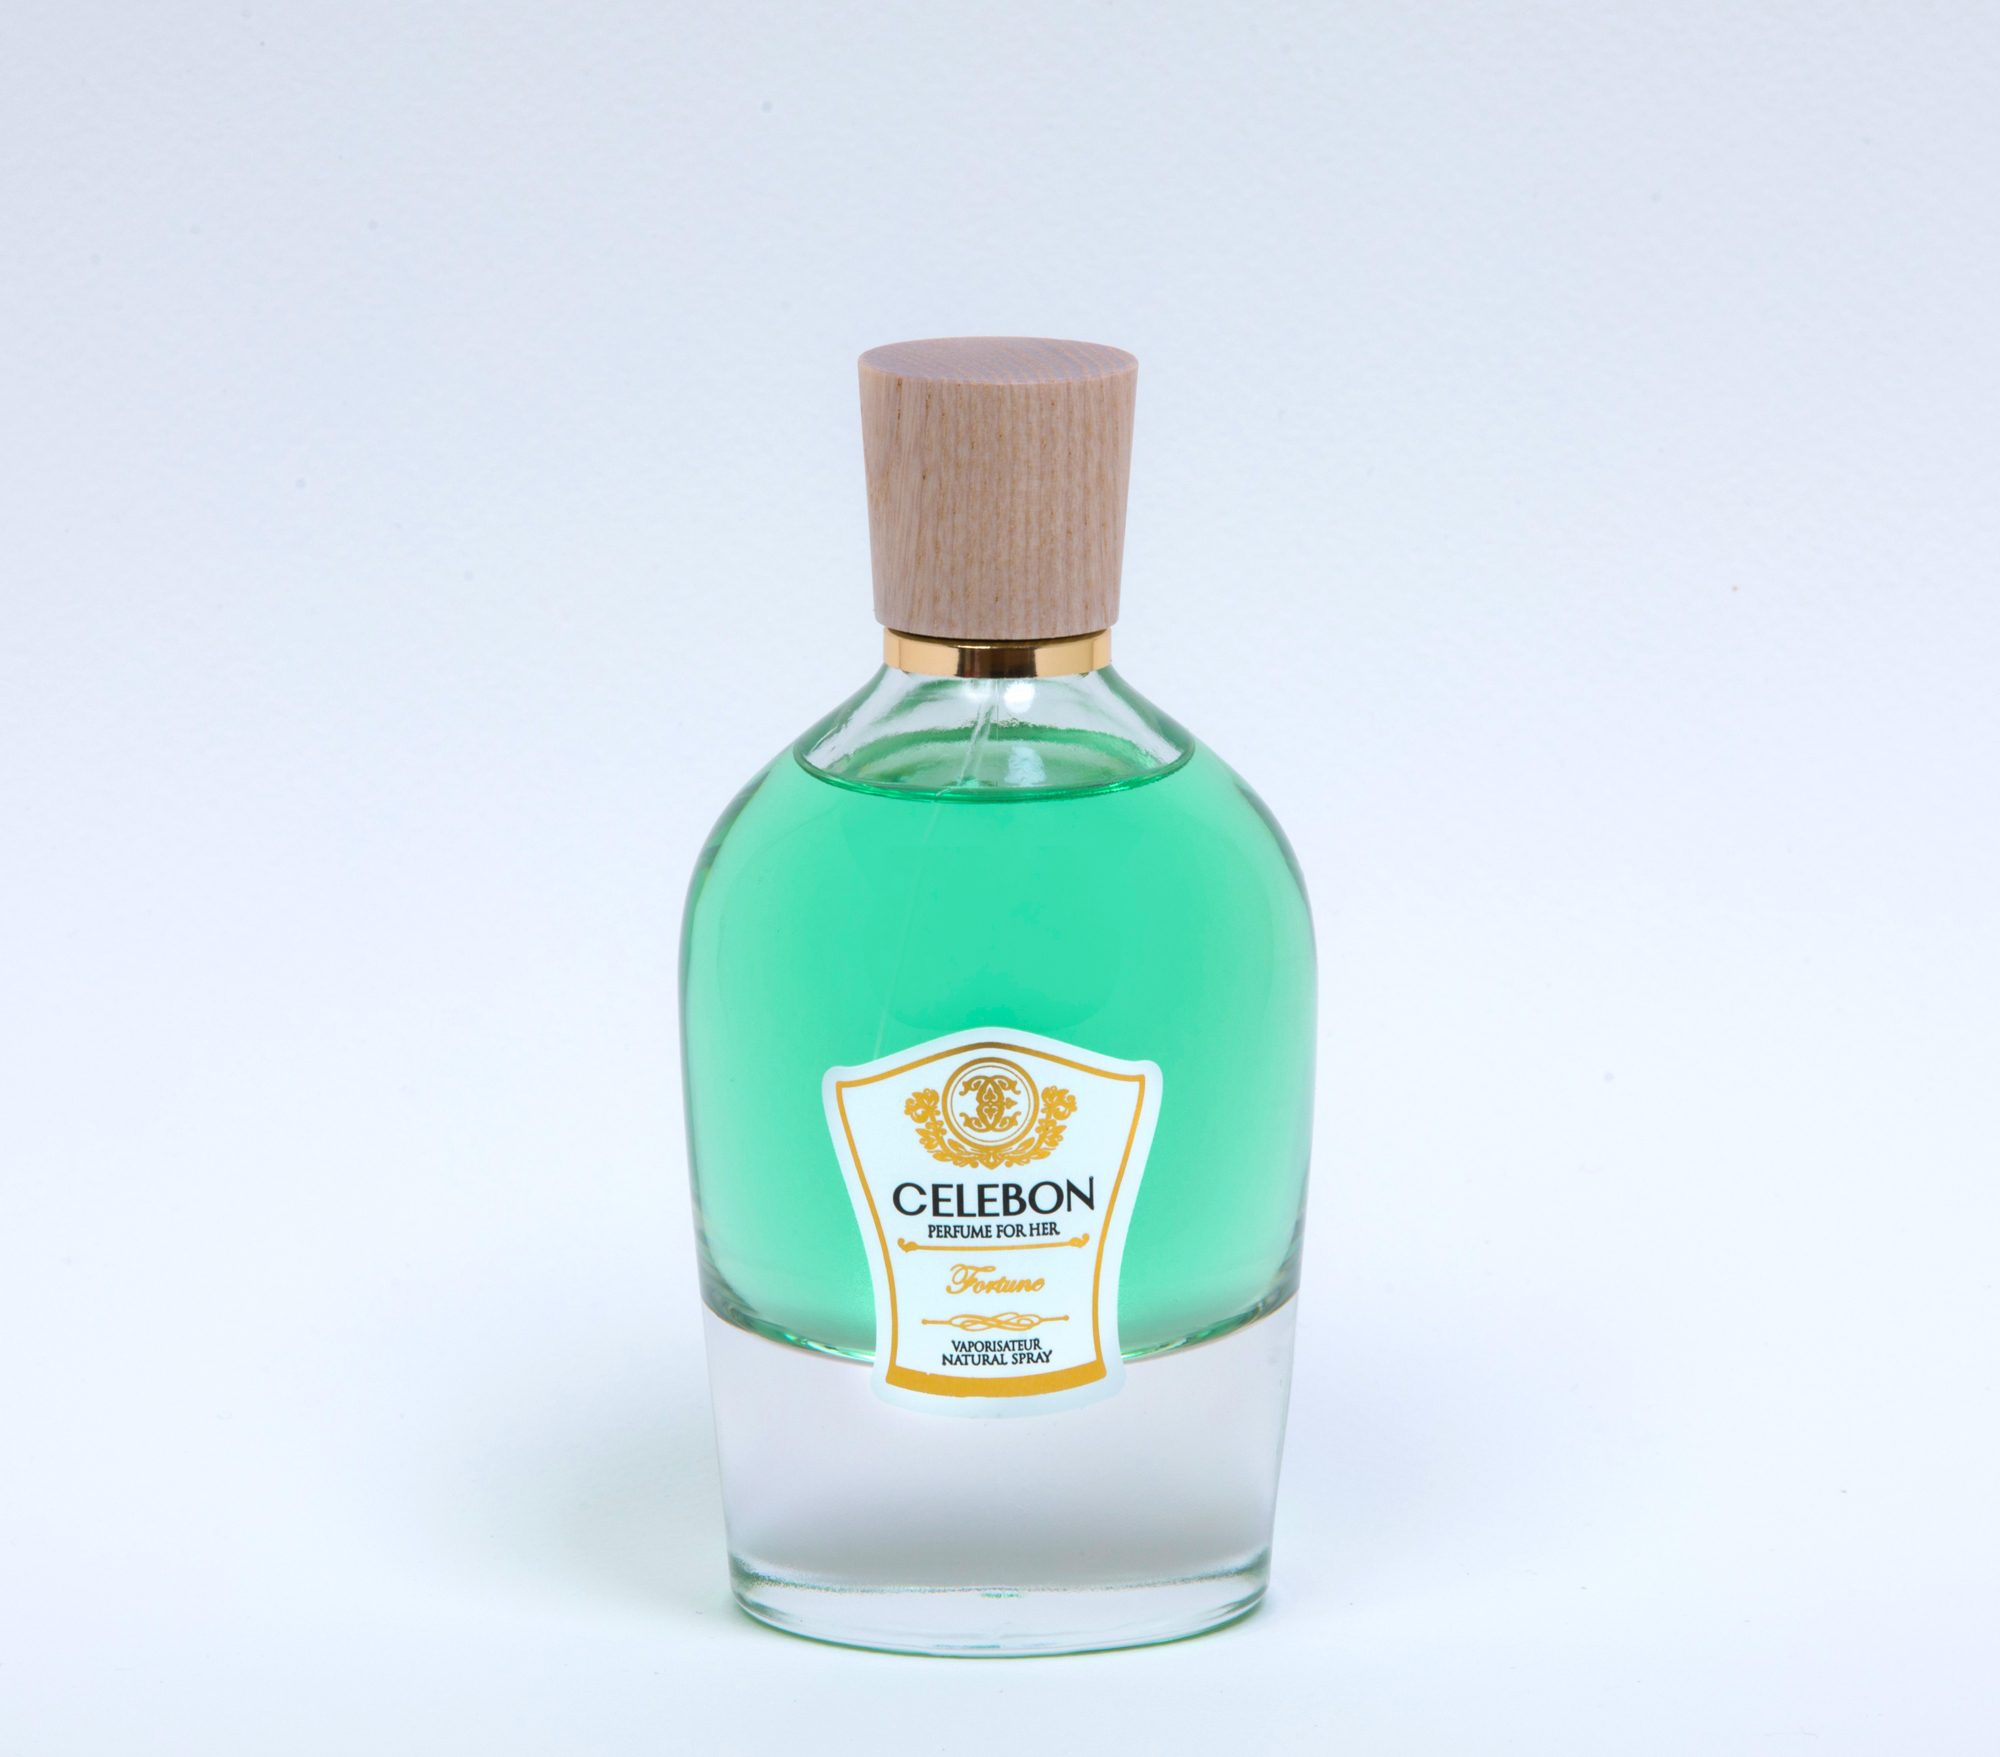 Femme Upzmvgqs Nouveau Parfum Fortune Un Celebon Pour 2019 g6yvYb7f